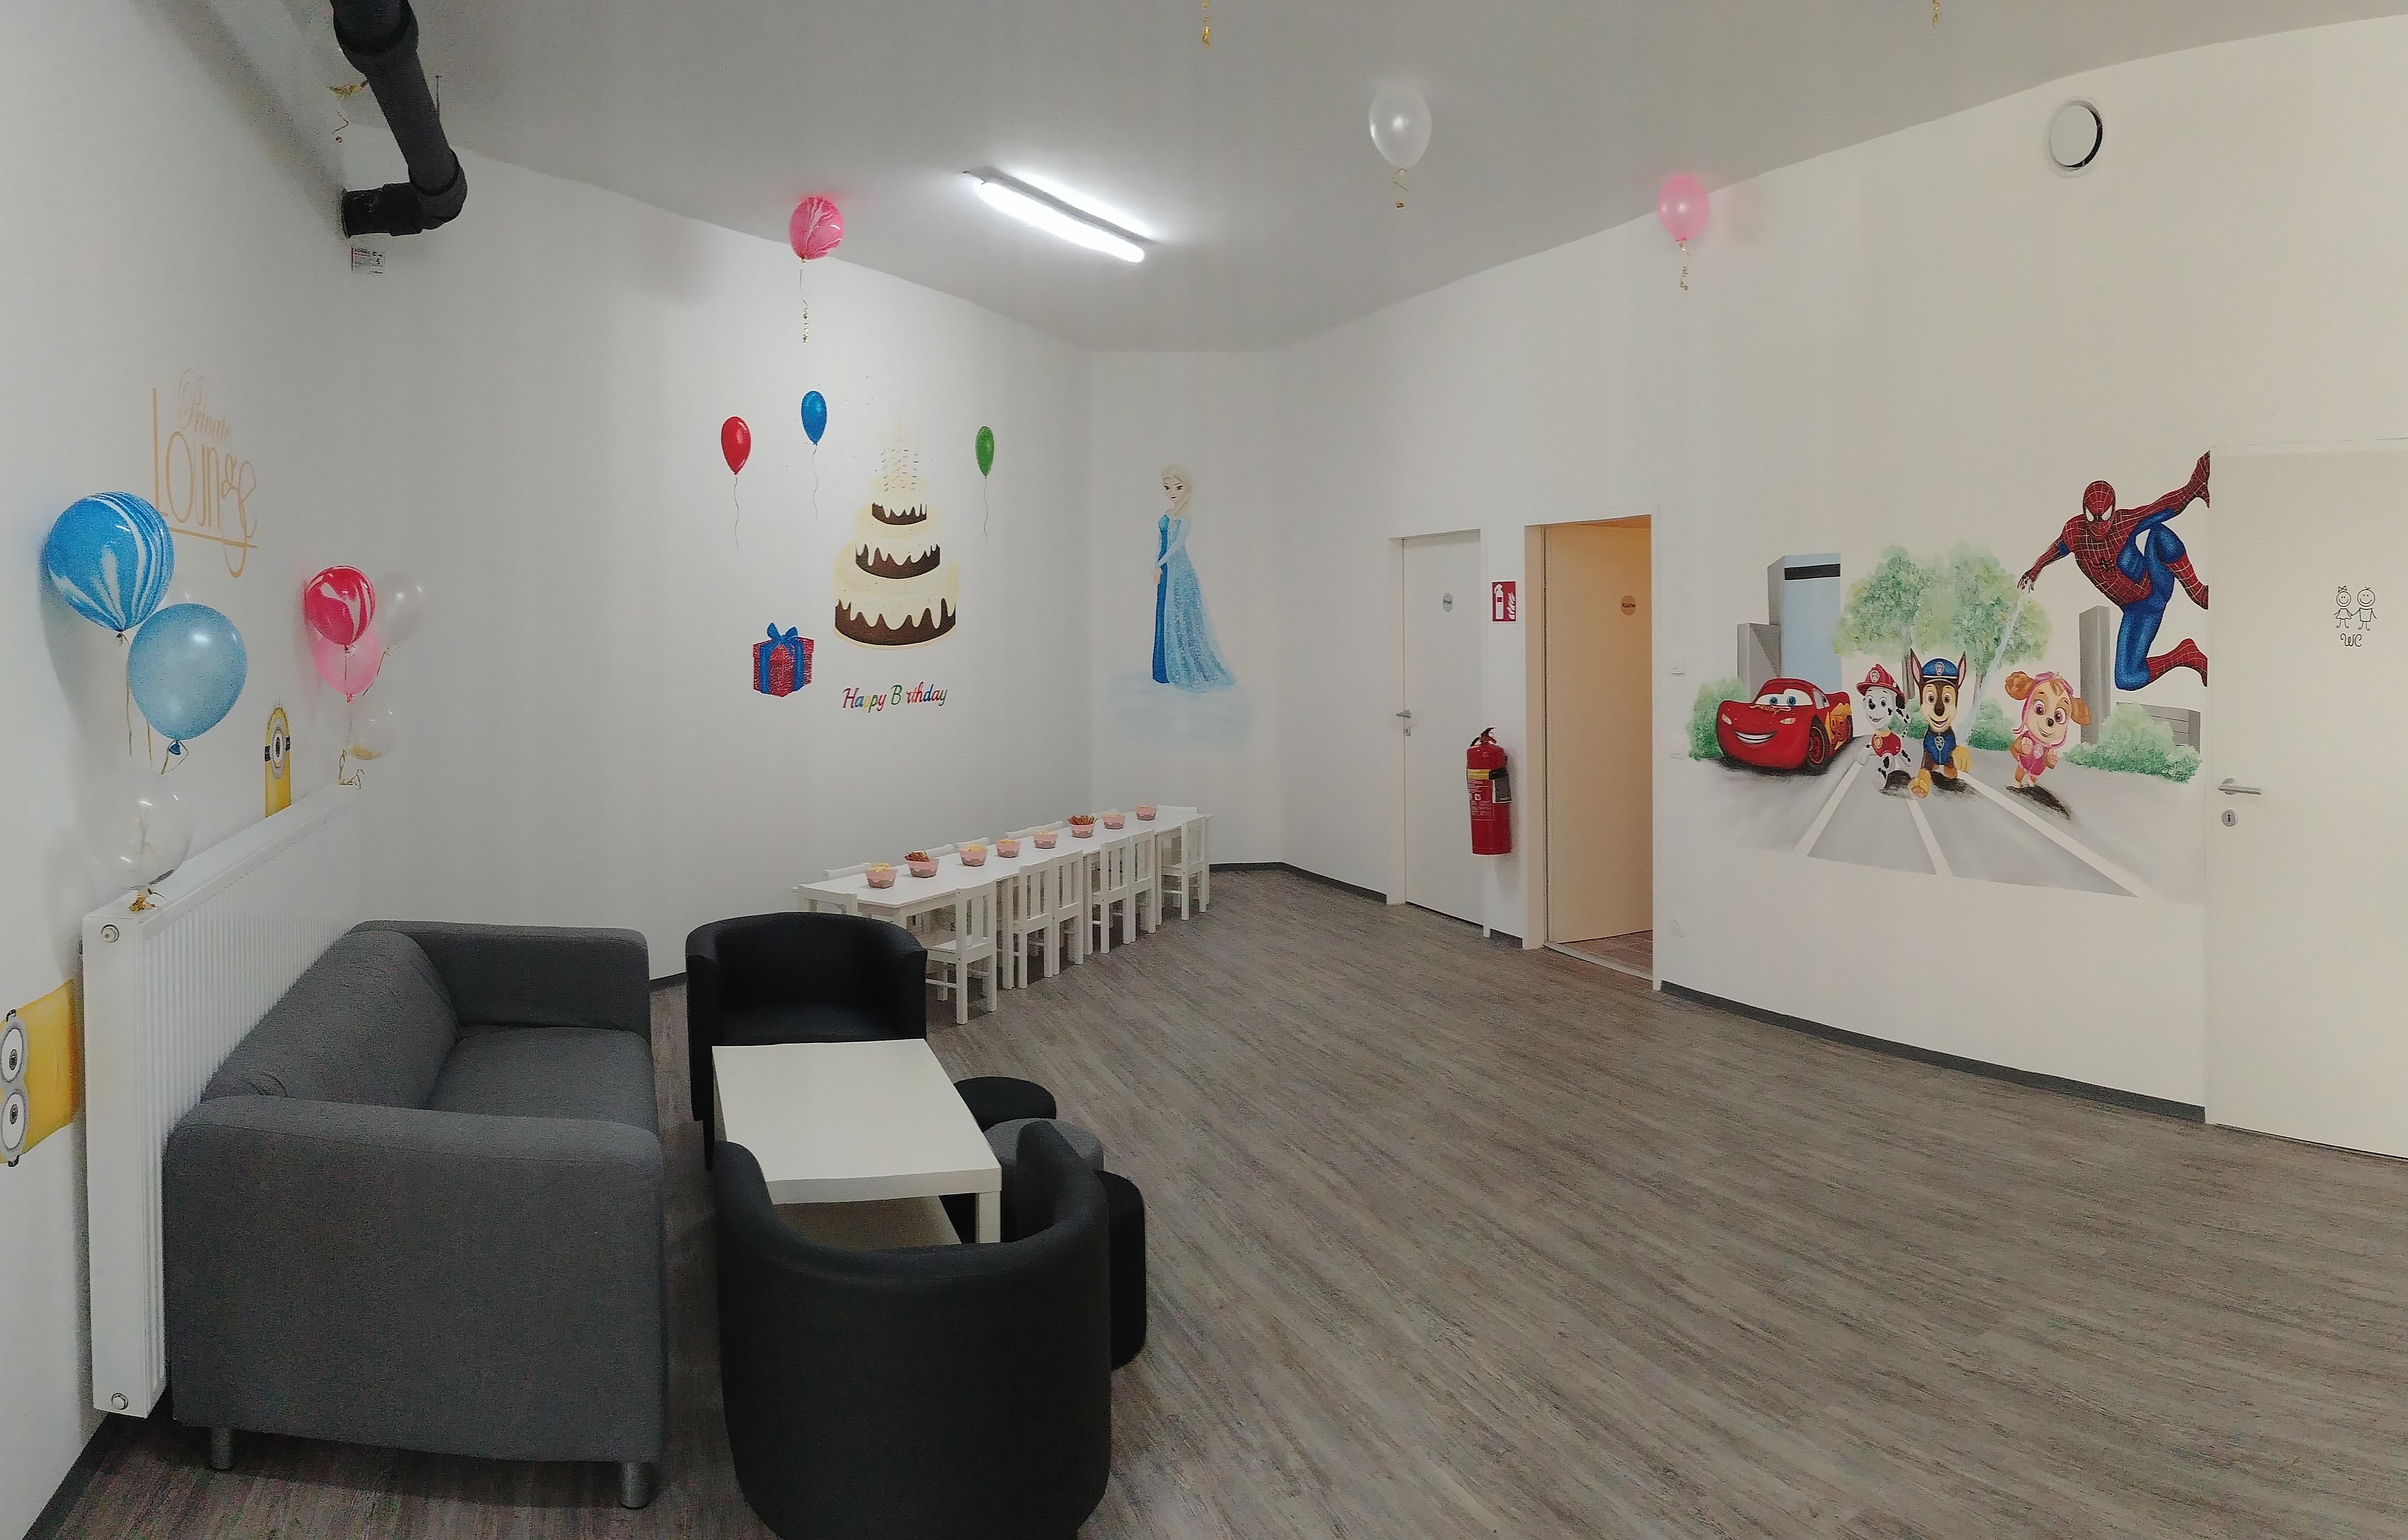 Einmaliges Erlebnis Kindergeburtstag In Kolariks Praterfee Wien